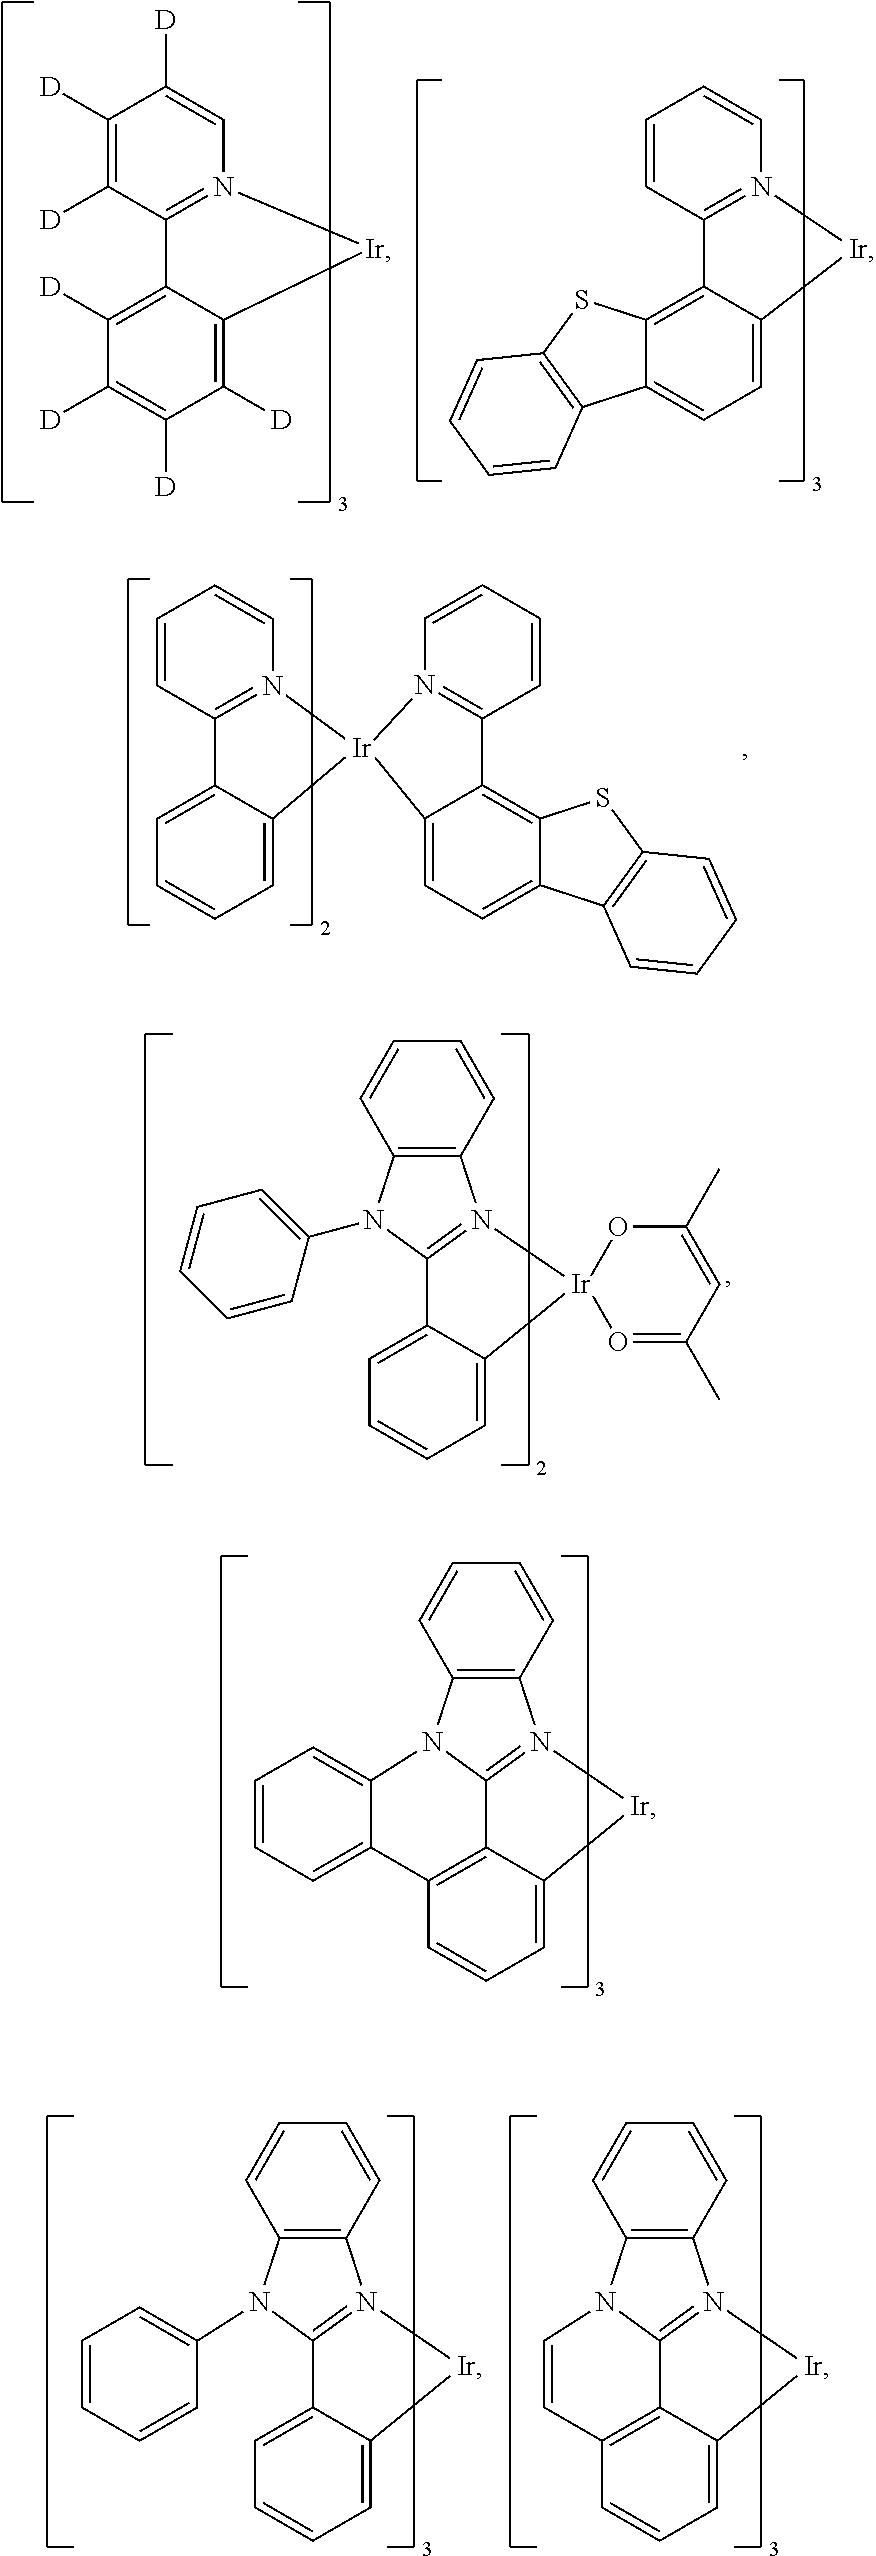 Figure US09978956-20180522-C00076